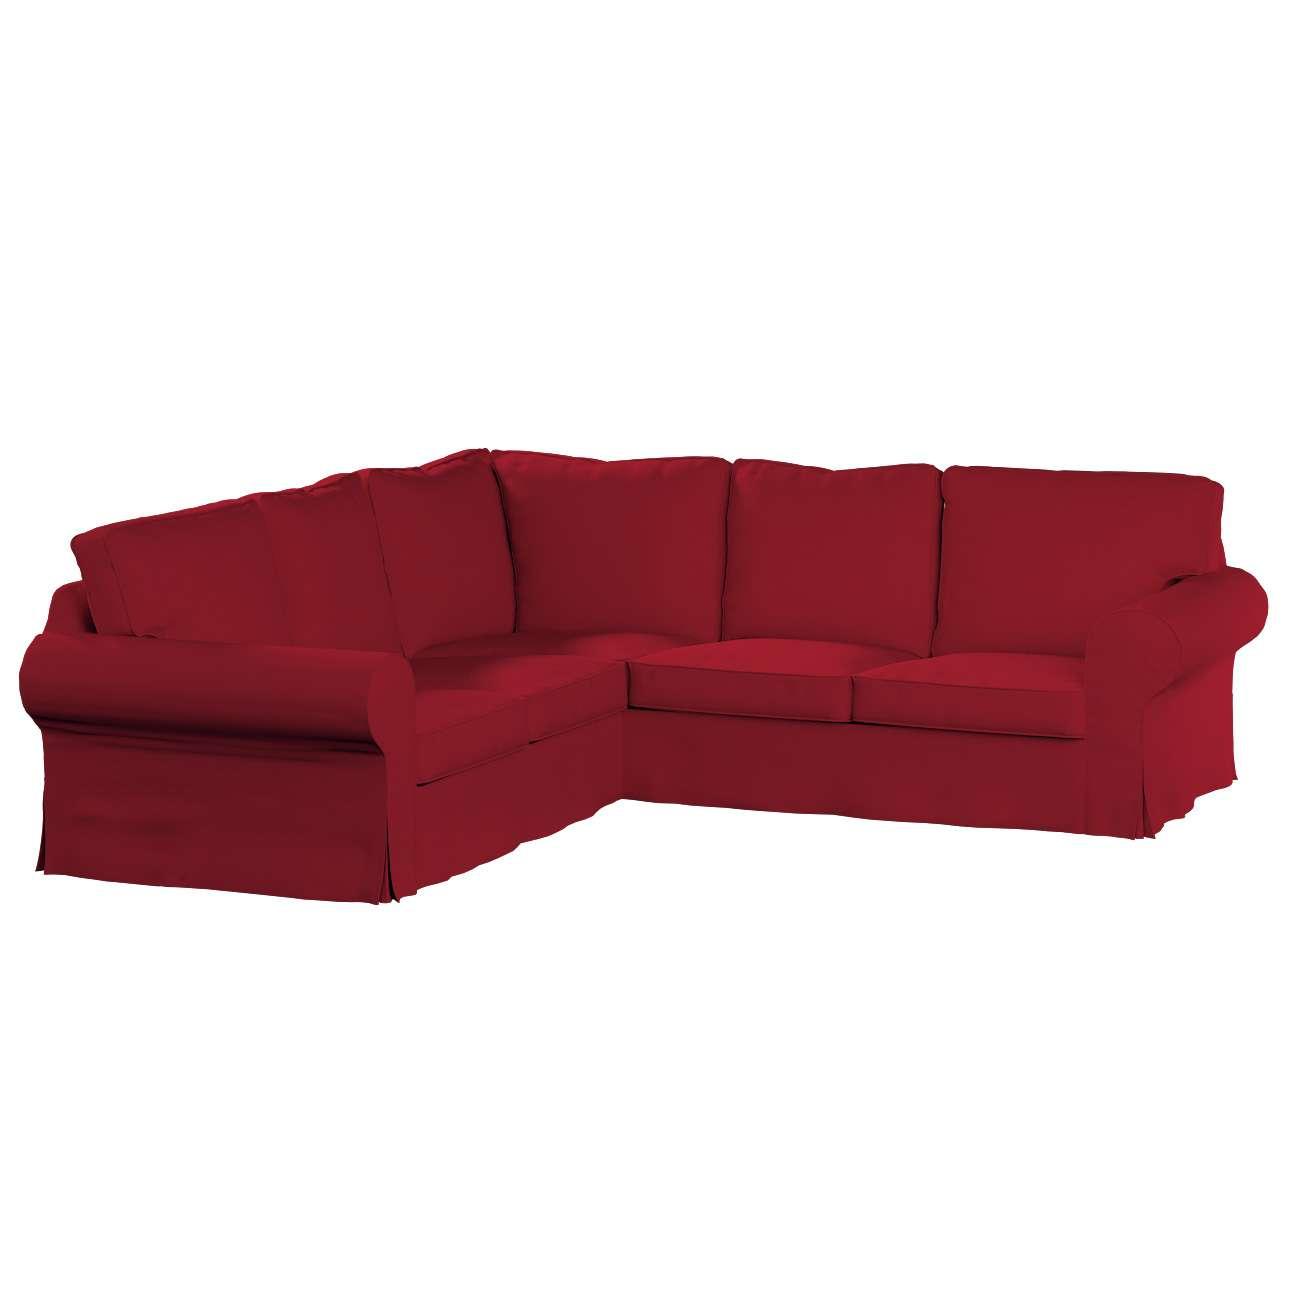 Pokrowiec na sofę narożną Ektorp w kolekcji Chenille, tkanina: 702-24